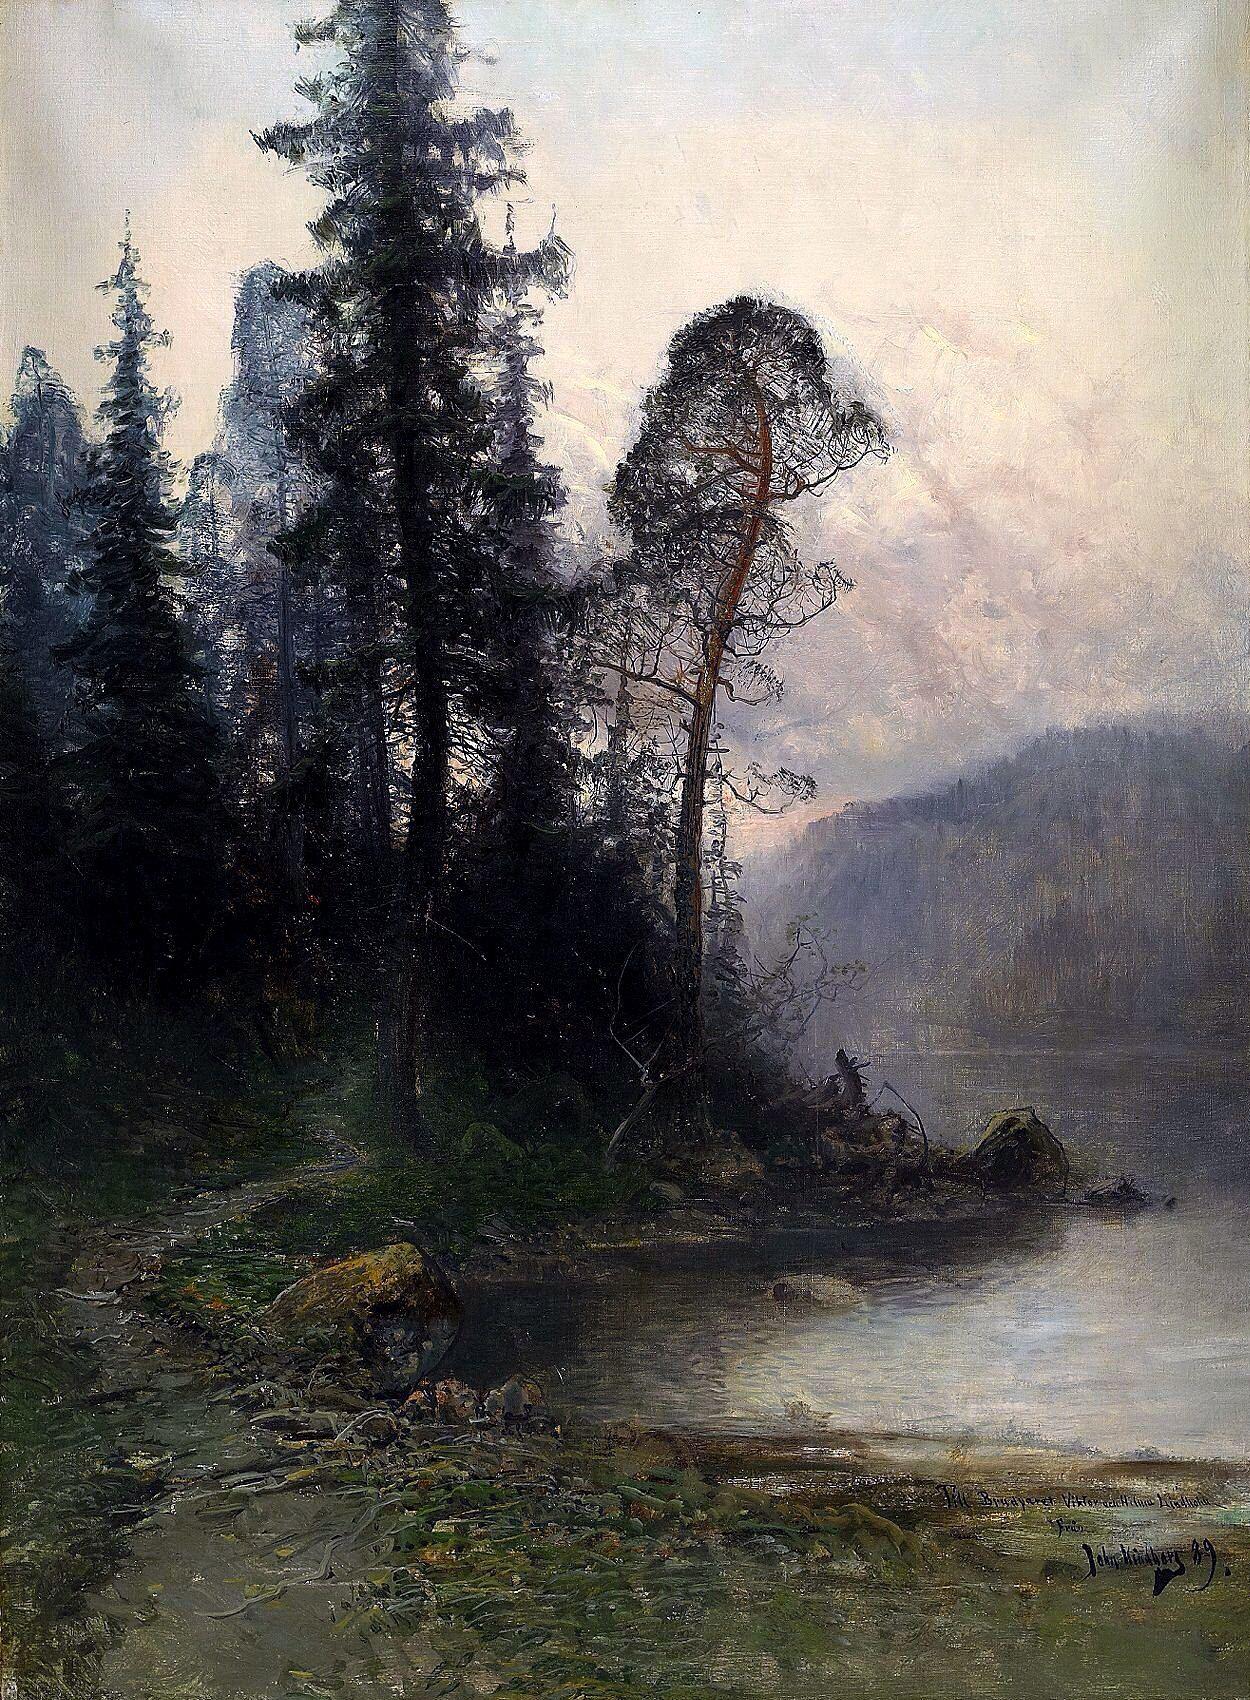 Йон Киндборг (JOHN KINDBORG 1861-1907